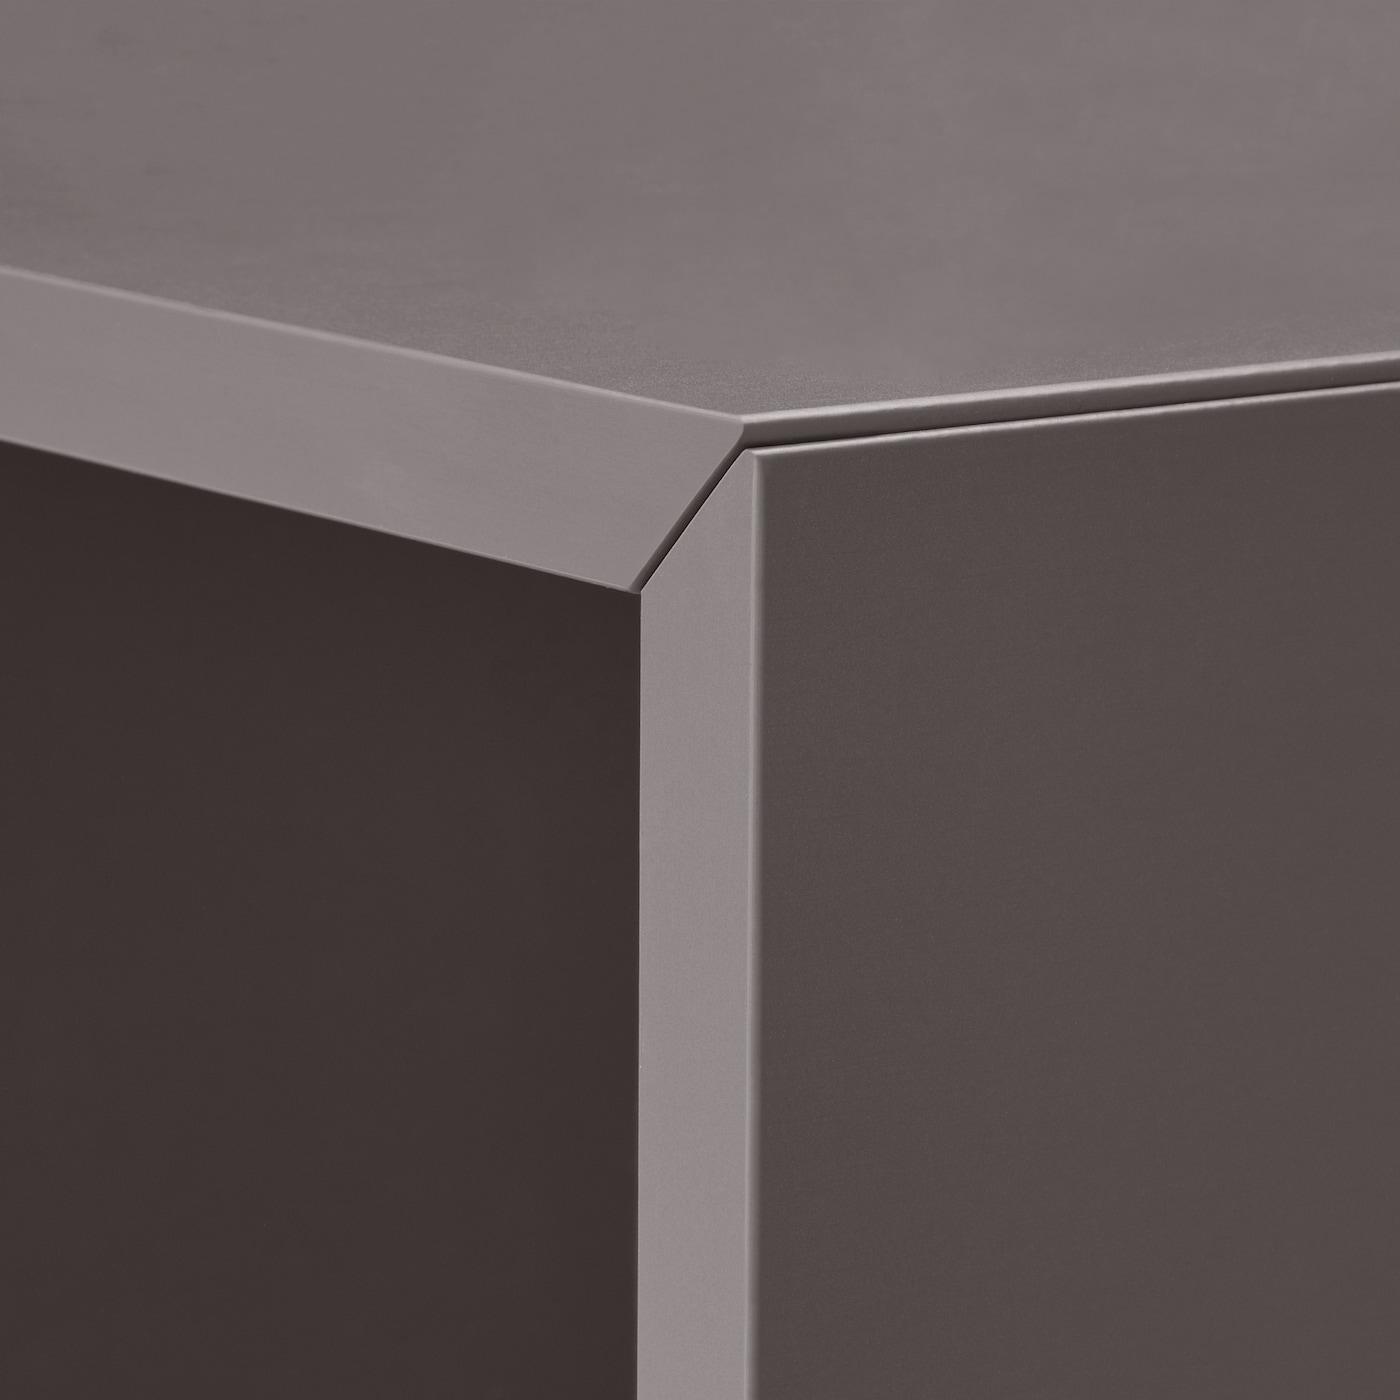 EKET Kast, donkergrijs, 35x35x35 cm